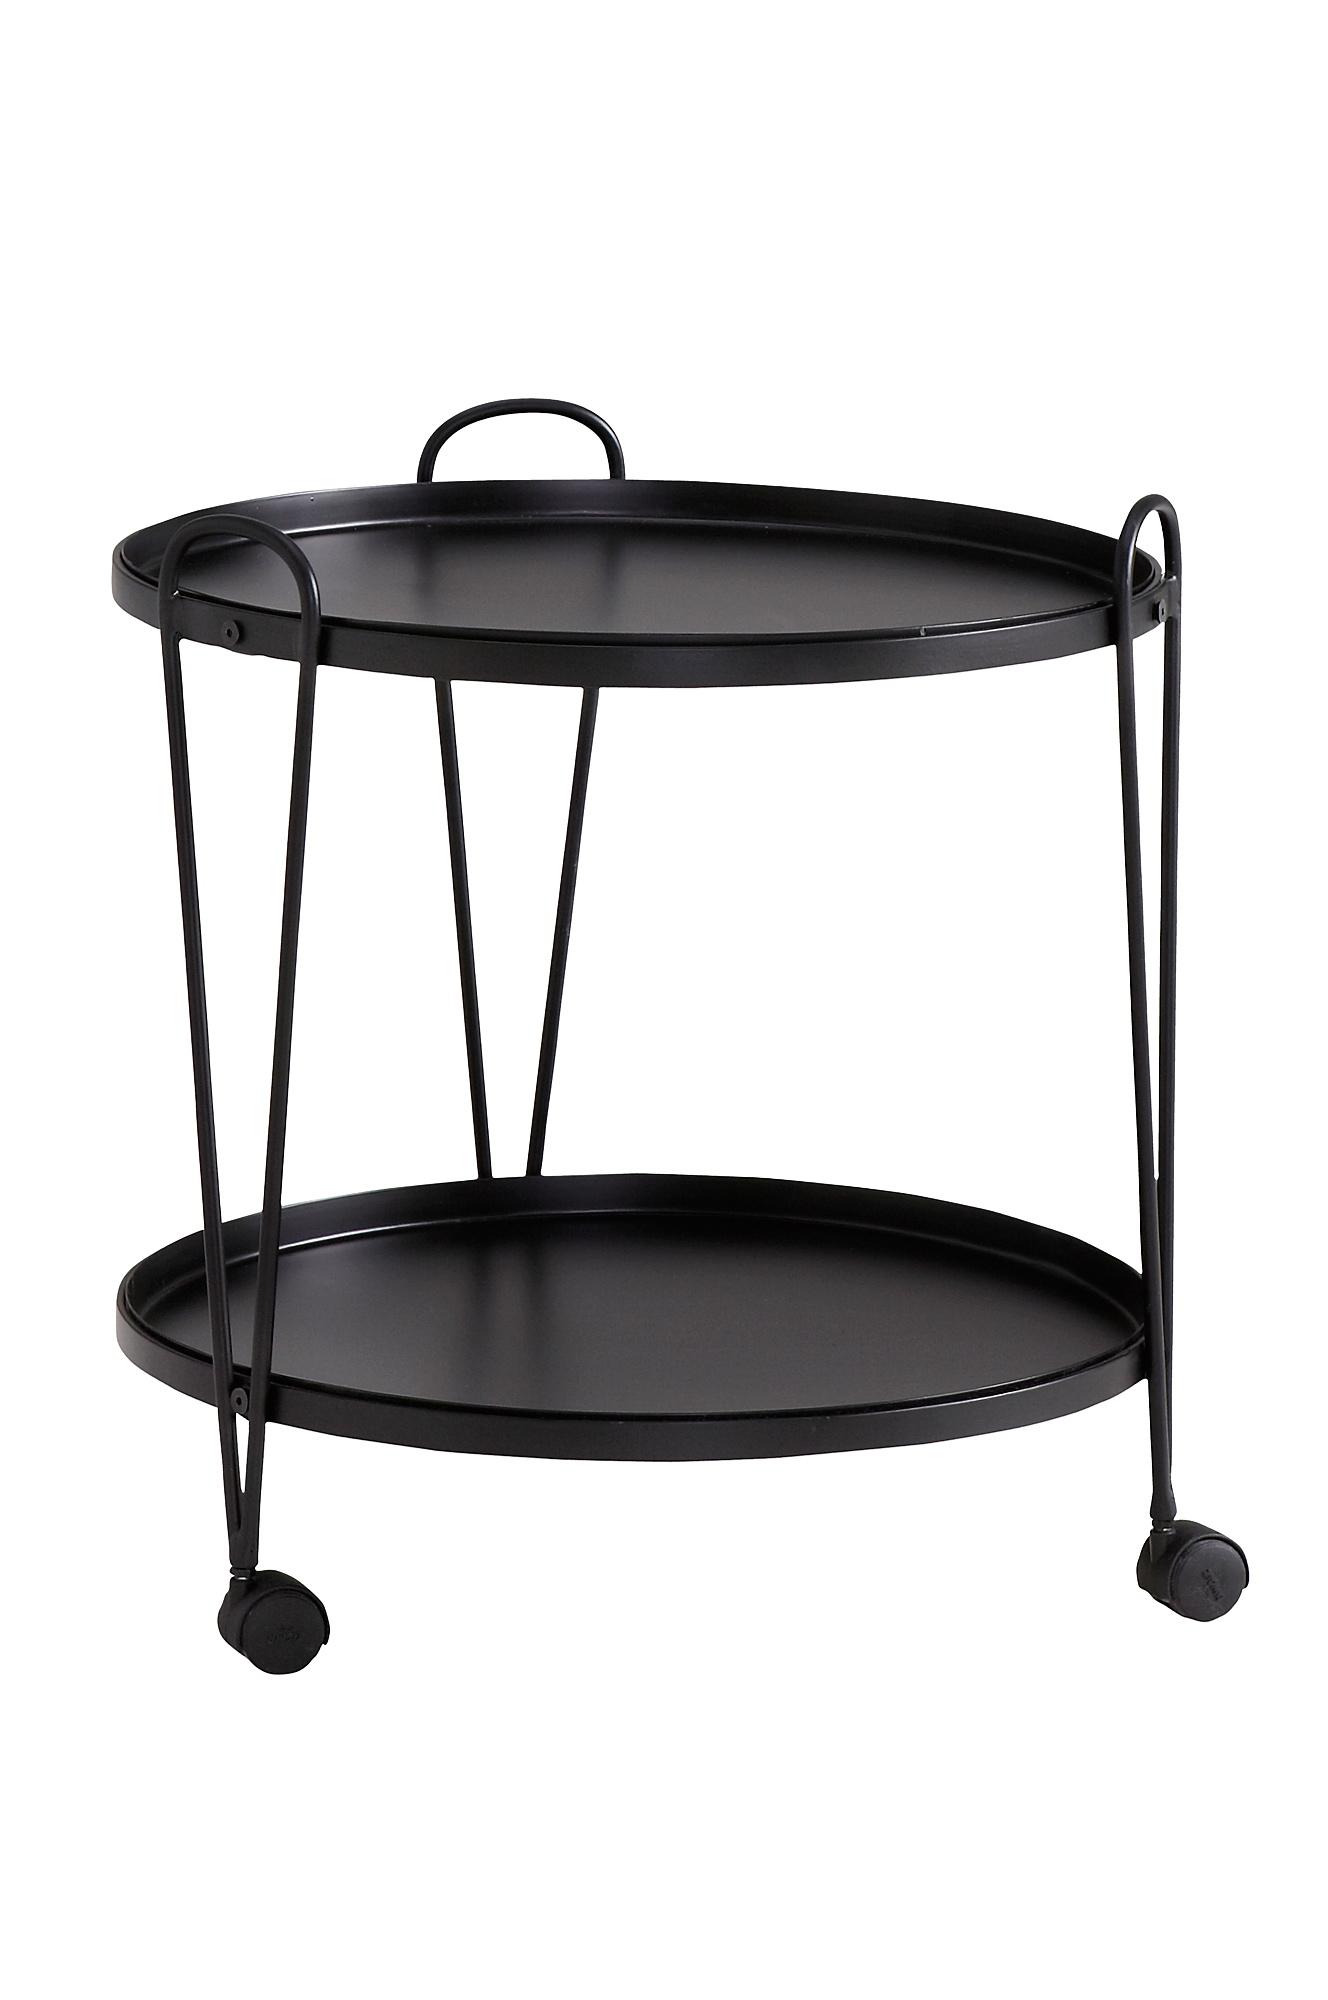 Dette er et bord med hjul, men det kan også gjøres om til en bartralle med riktig ingredienser på toppen. Kr 1099, Ellos.no.